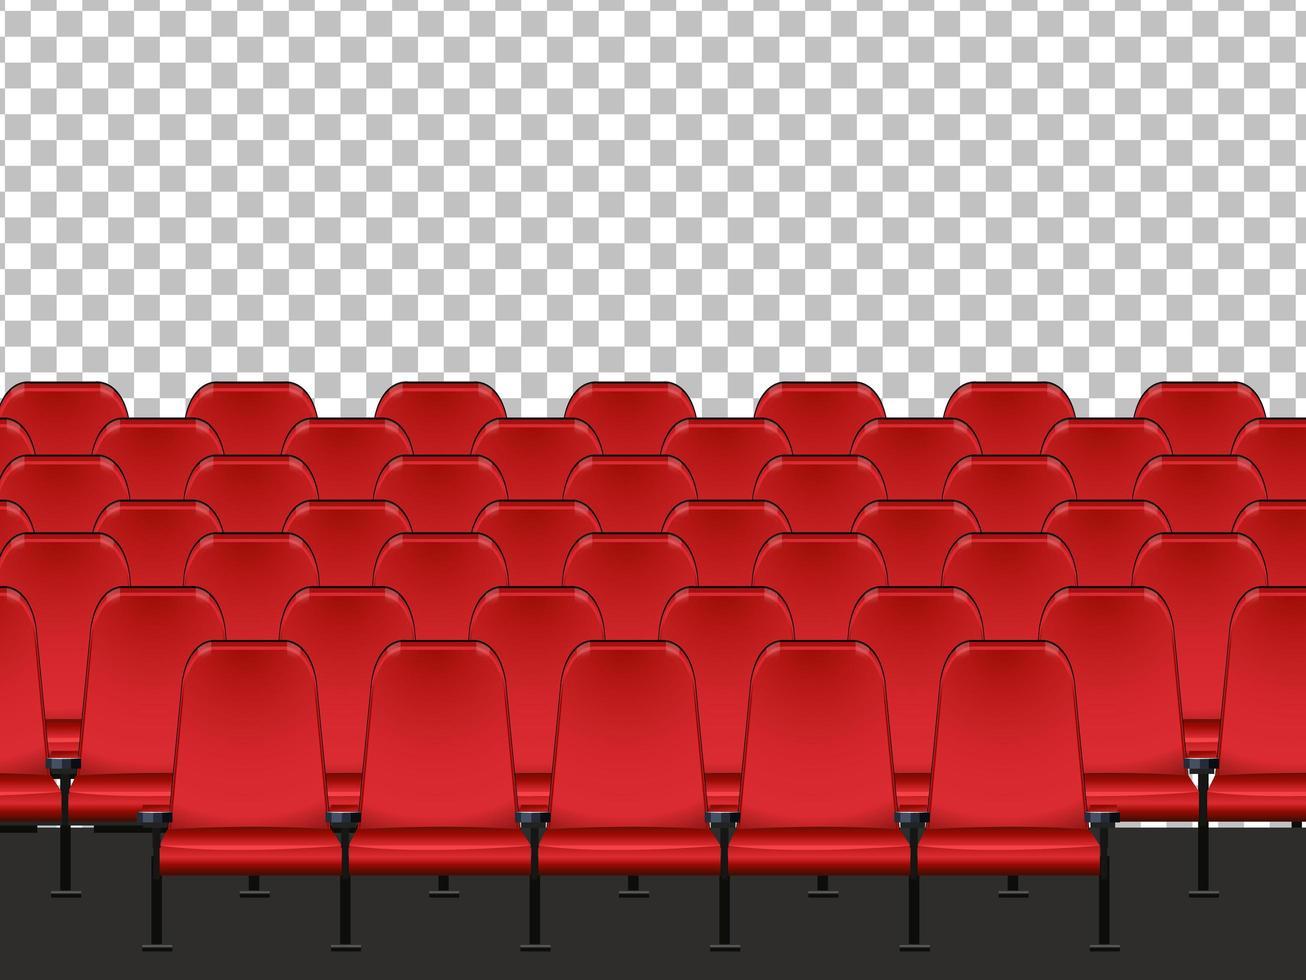 Asientos rojos en el cine con fondo transparente. vector